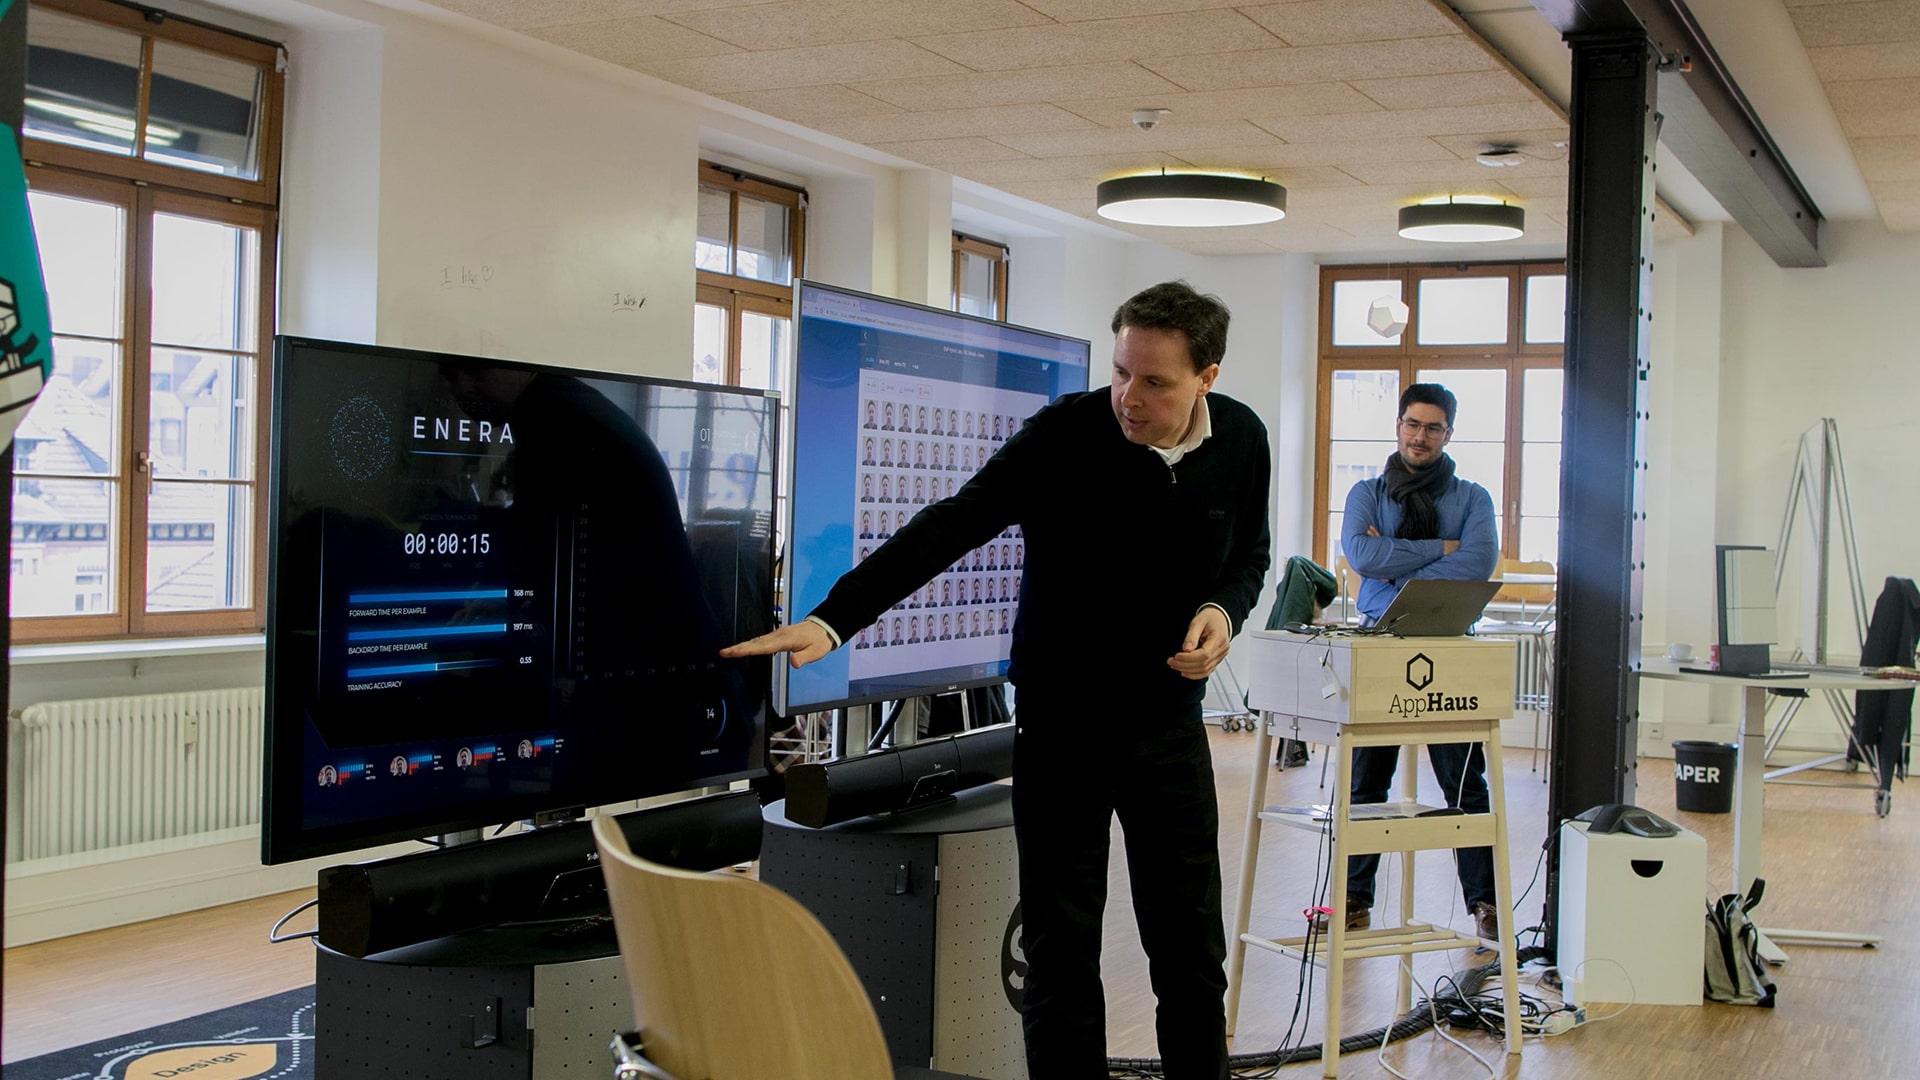 enera Machine Learning mit SAP Hybris Labs